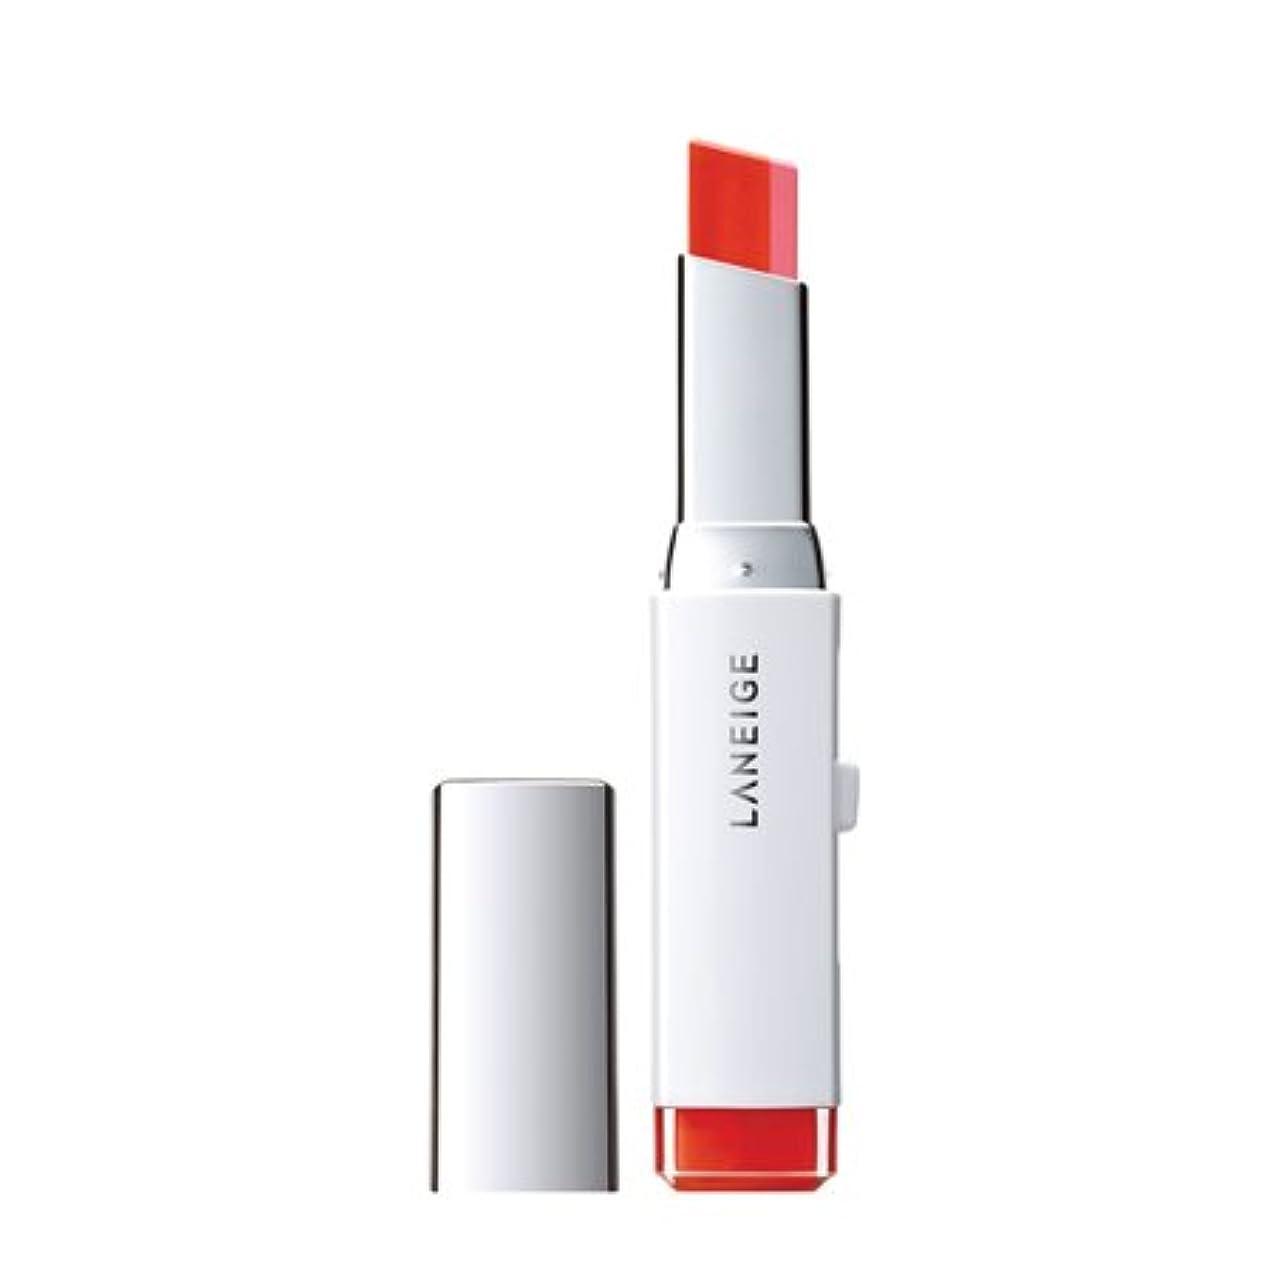 感度塊酸ラネージュ(LANEIGE)ツートーンリップバー(Two tone lip bar)2g カラー:3号 ピンクシャルマン